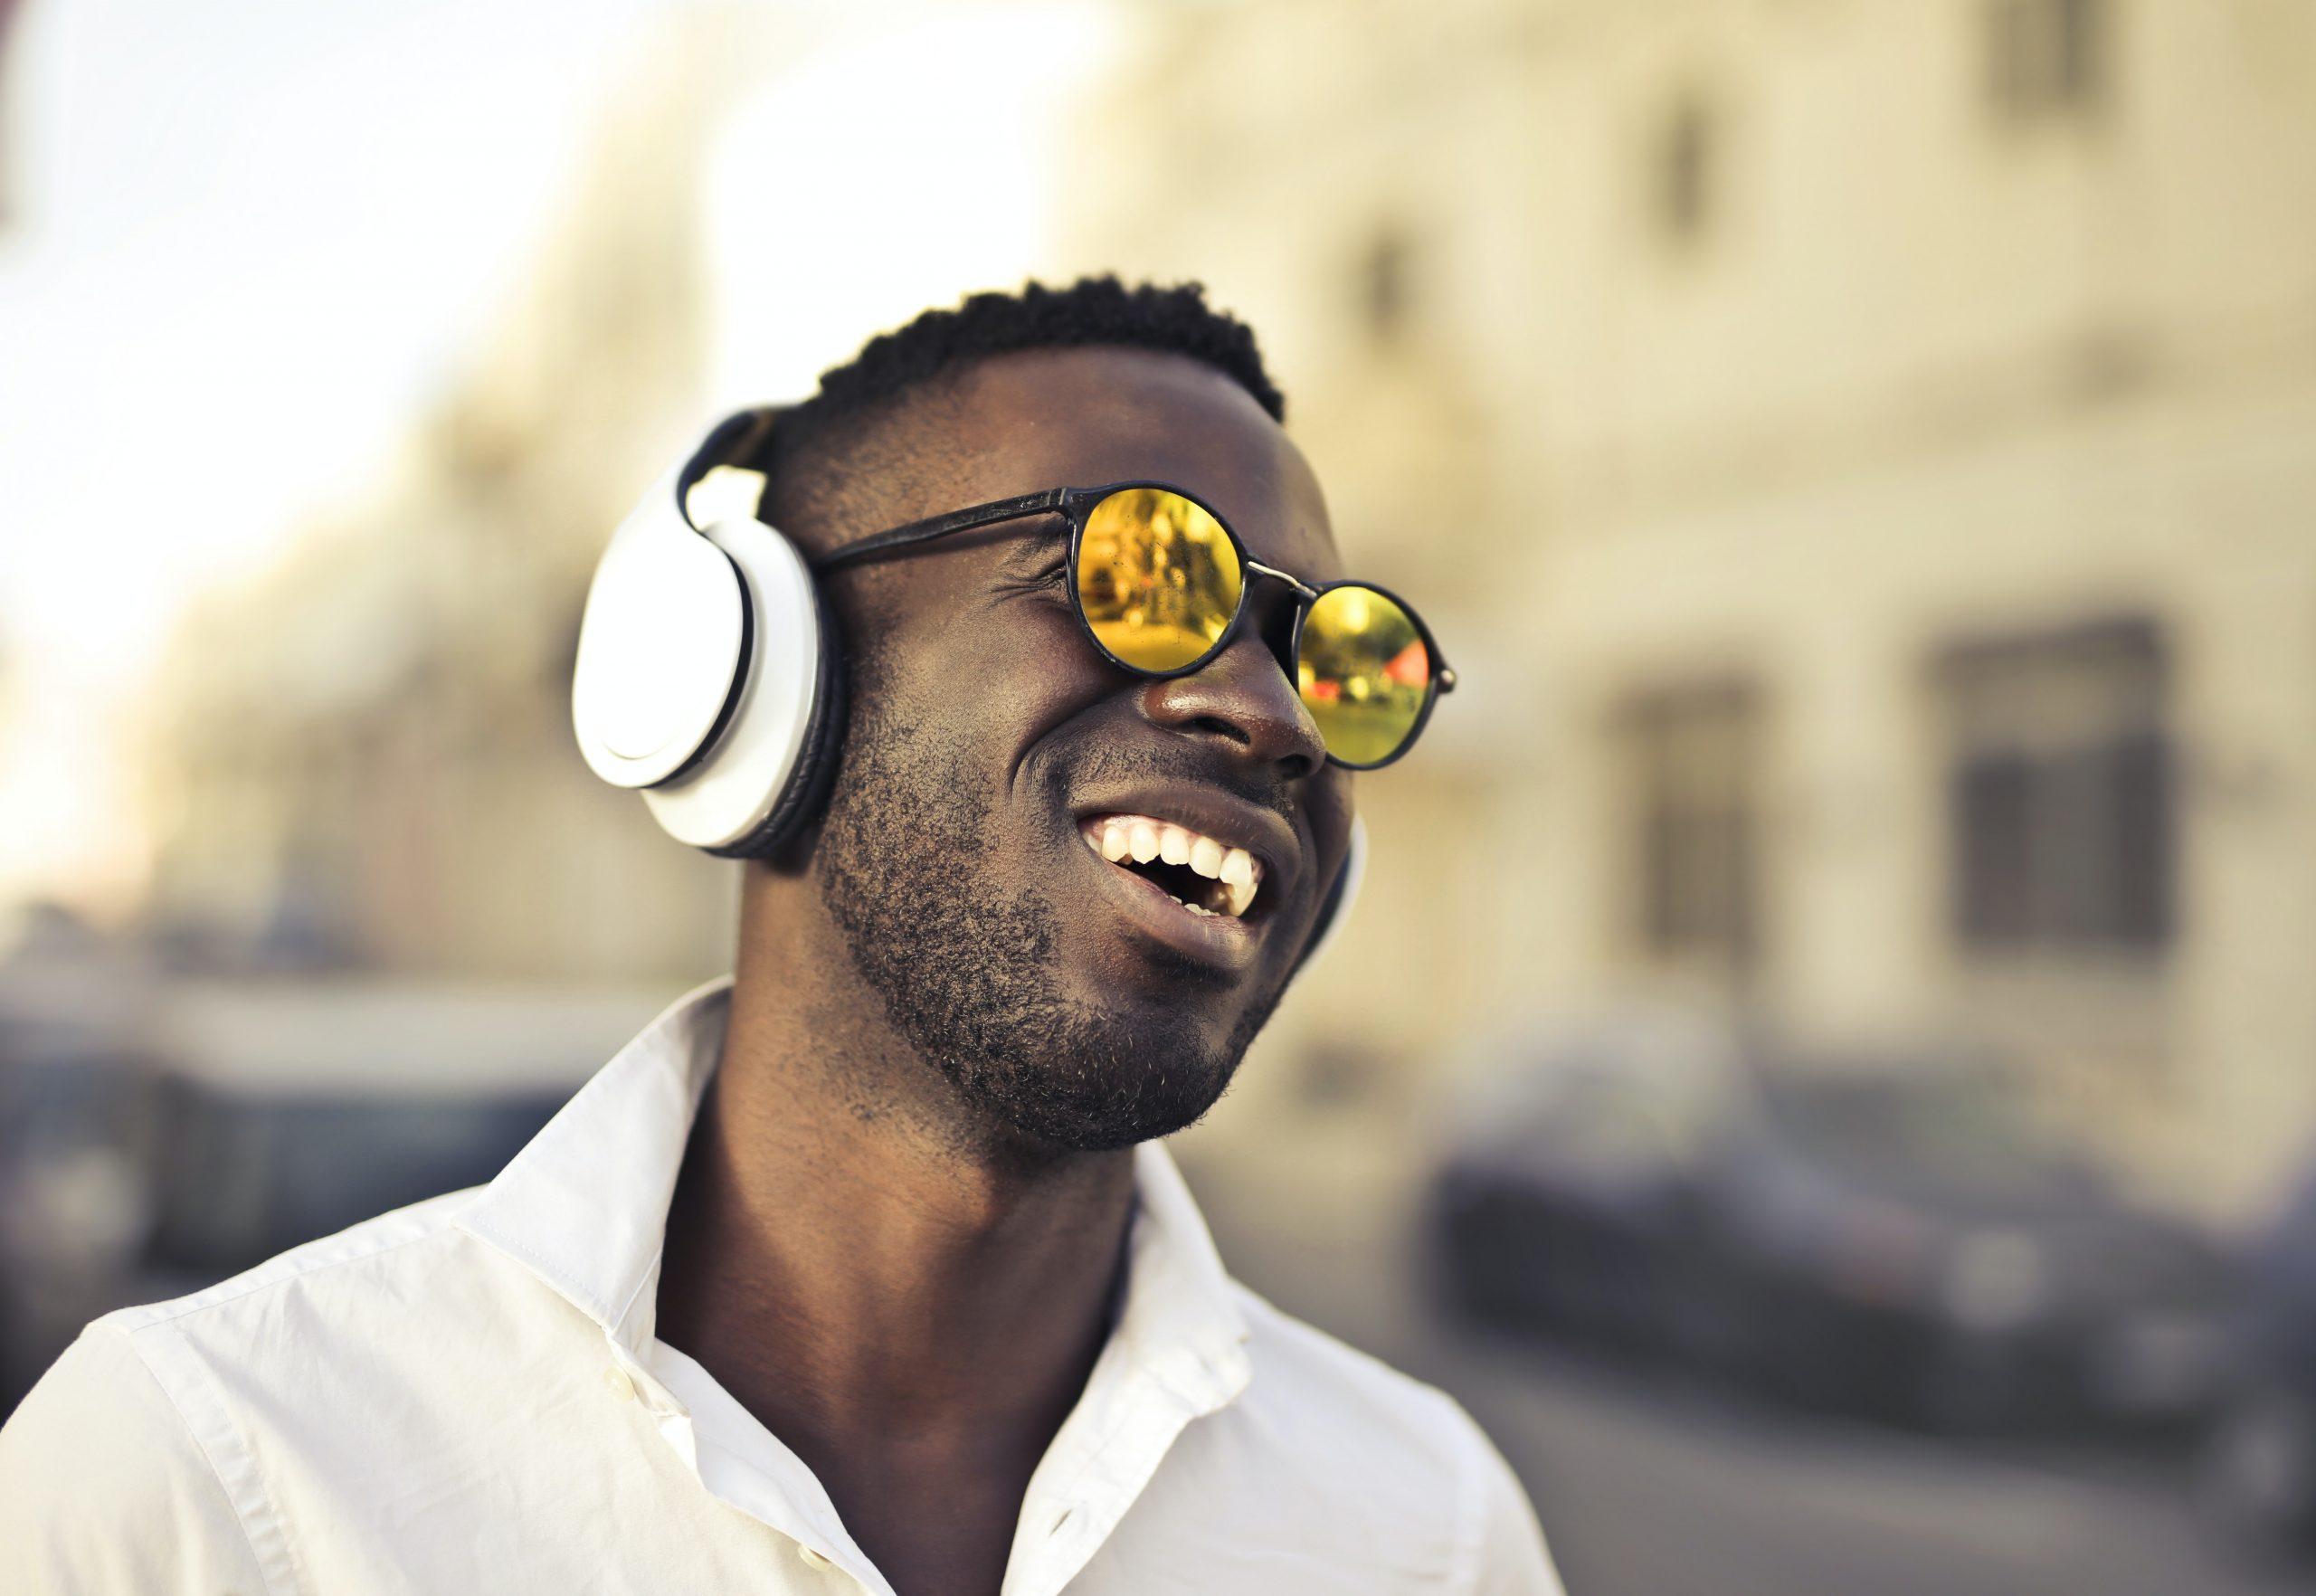 Imagem mostra um homem na rua com fones de ouvido.